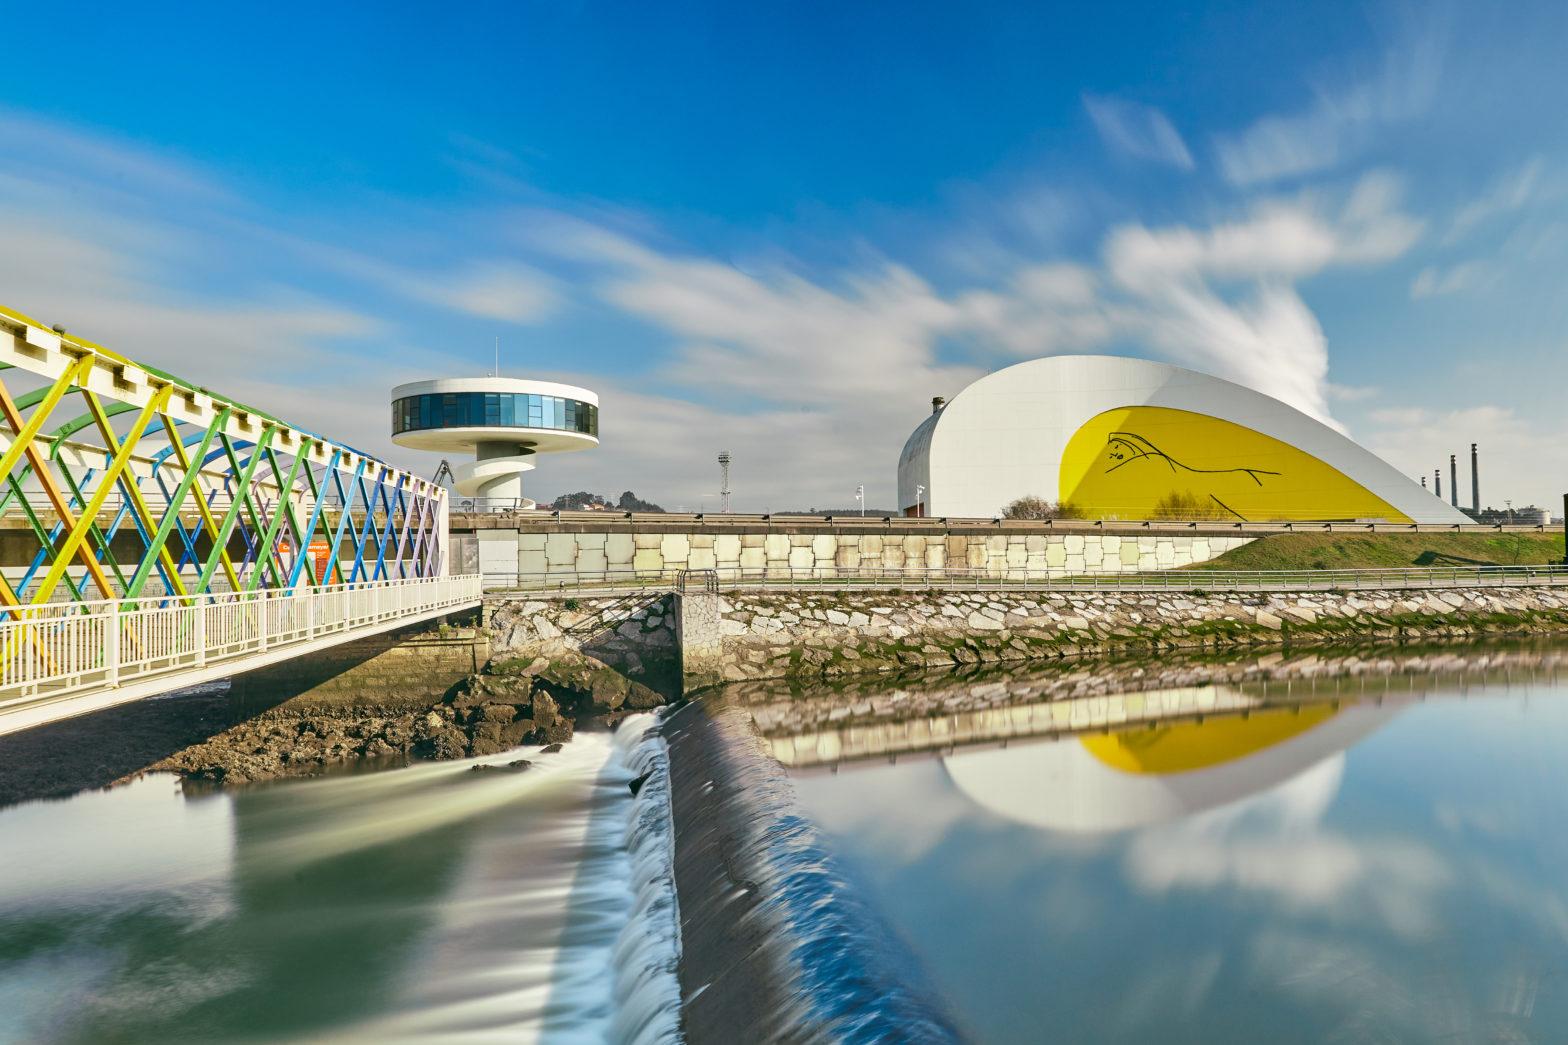 Acceso al Centro Niemeyer por el puente de San Sebastián